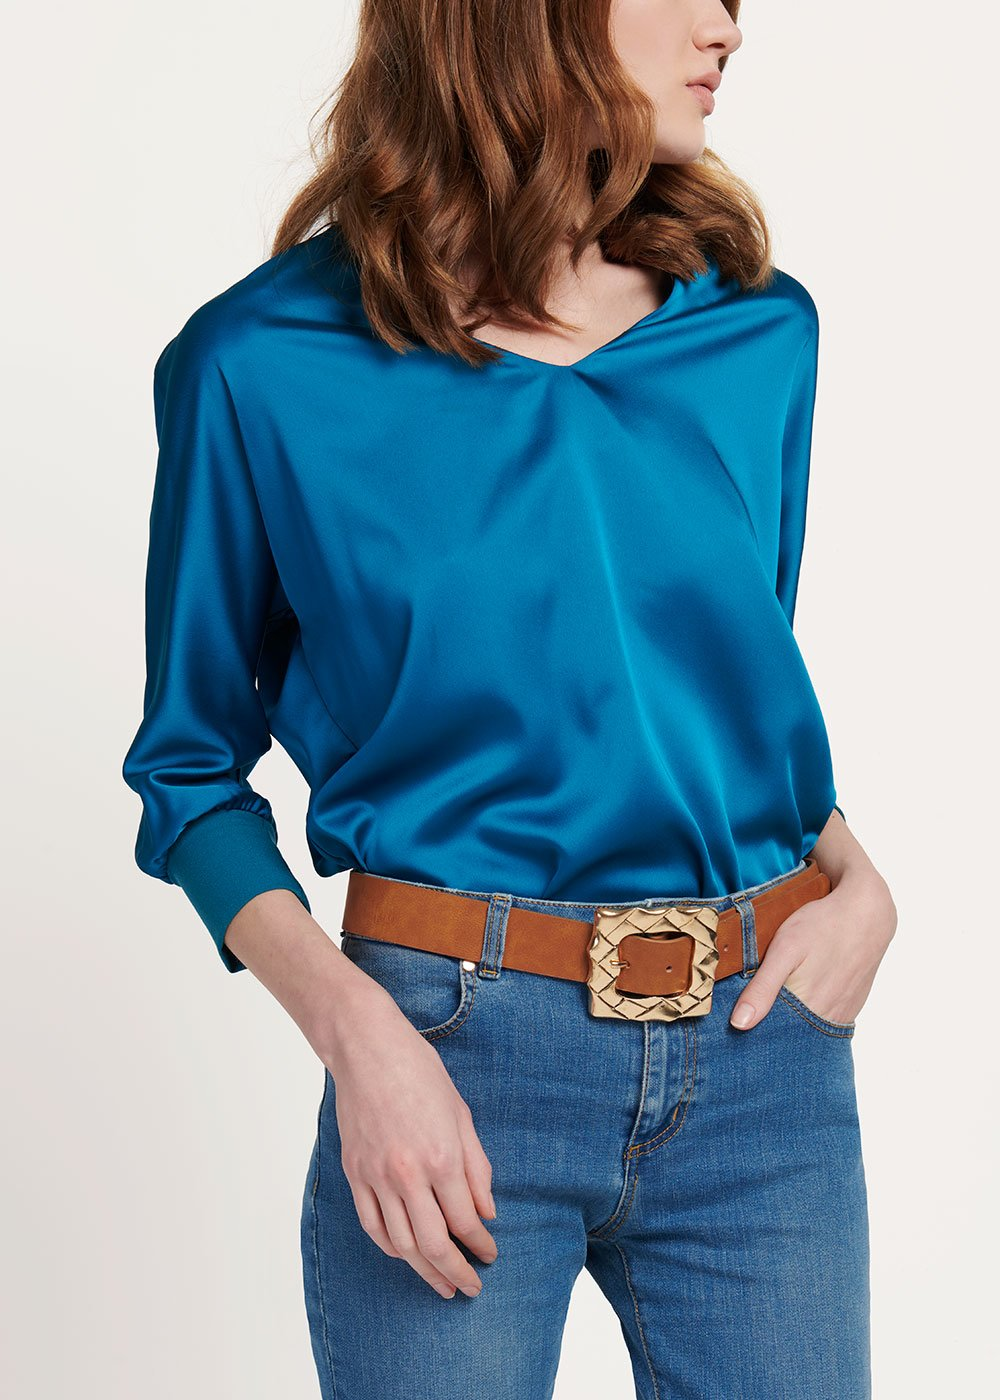 Sharan viscose t-shirt - Marina - Woman